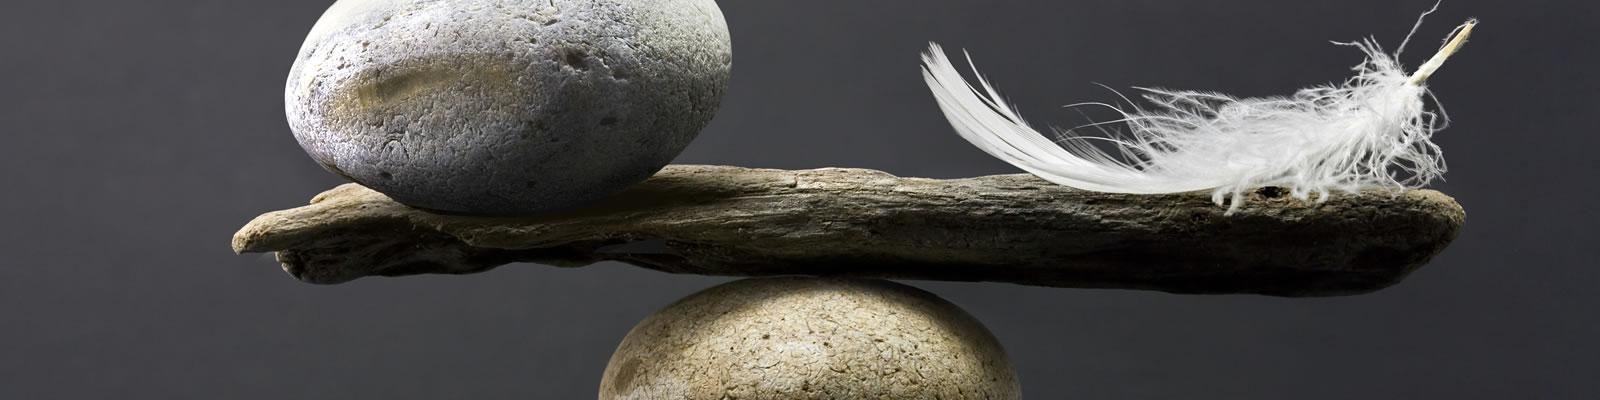 Equilibrio Puntocoaching